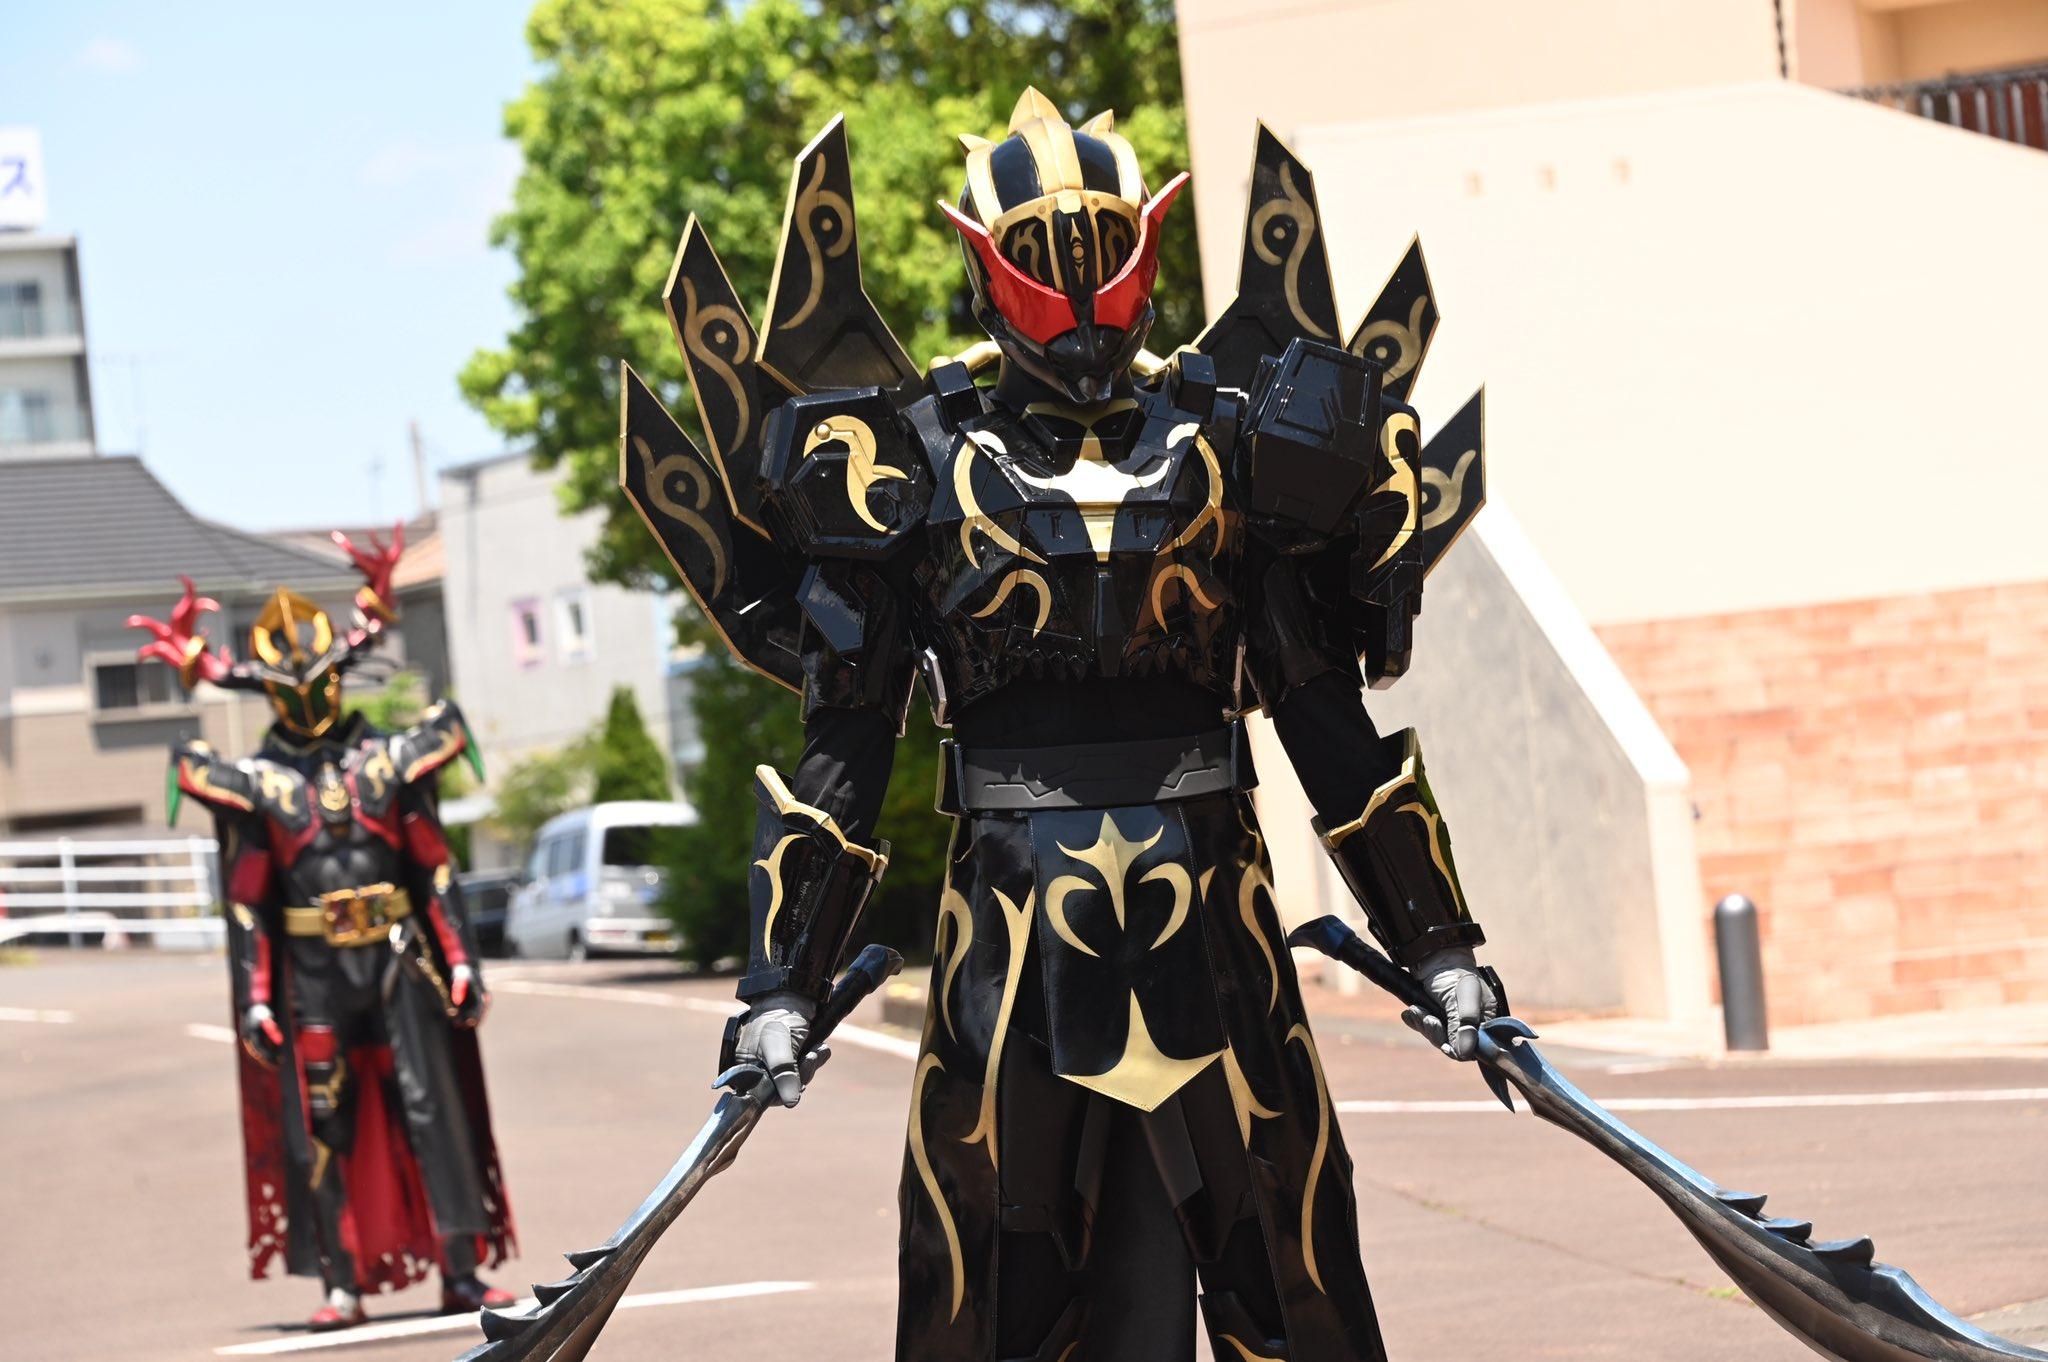 『仮面ライダーセイバー』四賢神が全盛期以上の力で蘇る!ロード・オブ・ワイズは戦斧&大剣、大鎌、ツインレイピア、二刀流で